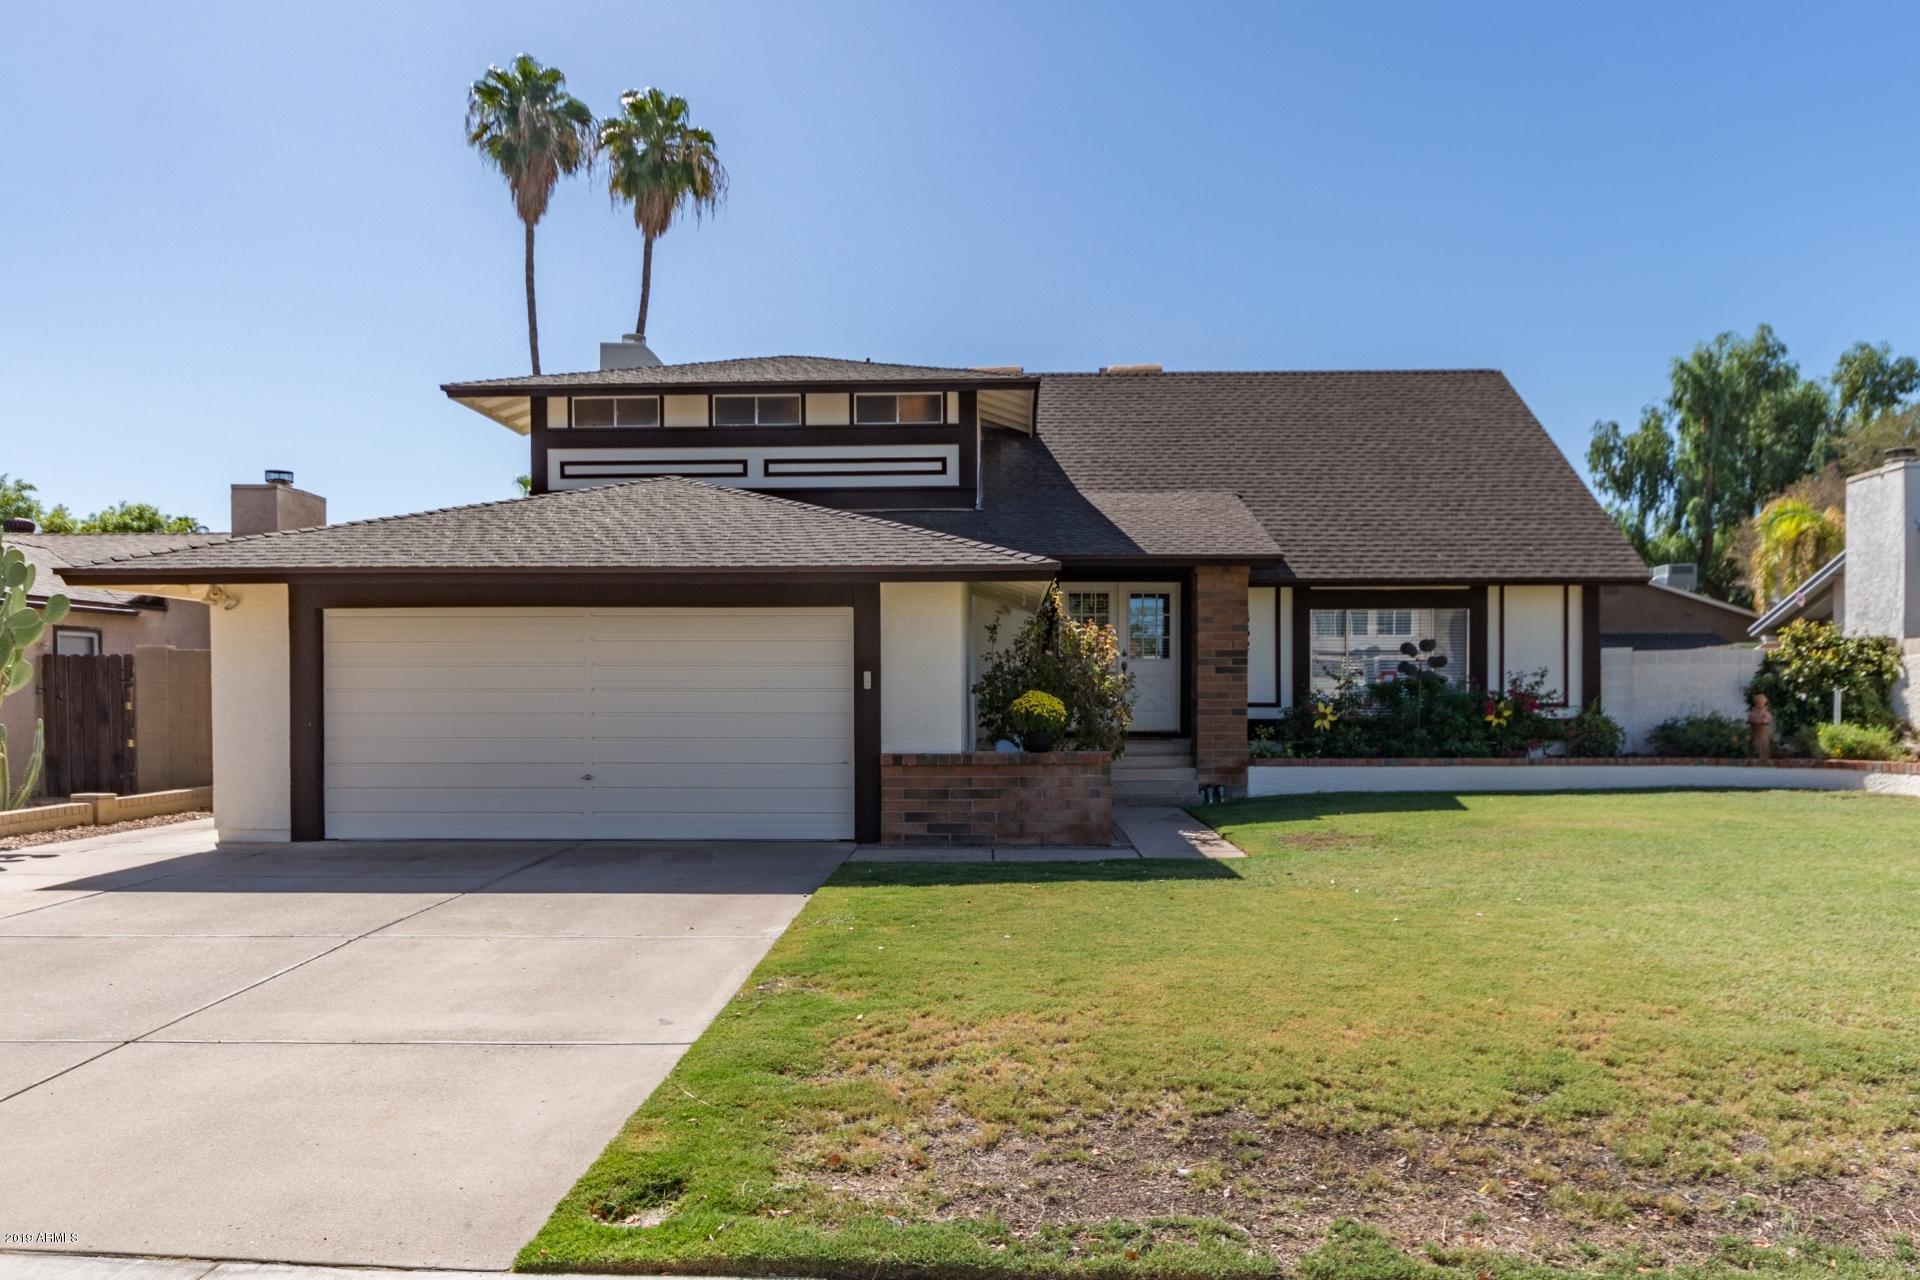 Photo of 4621 W MERCURY Way, Chandler, AZ 85226